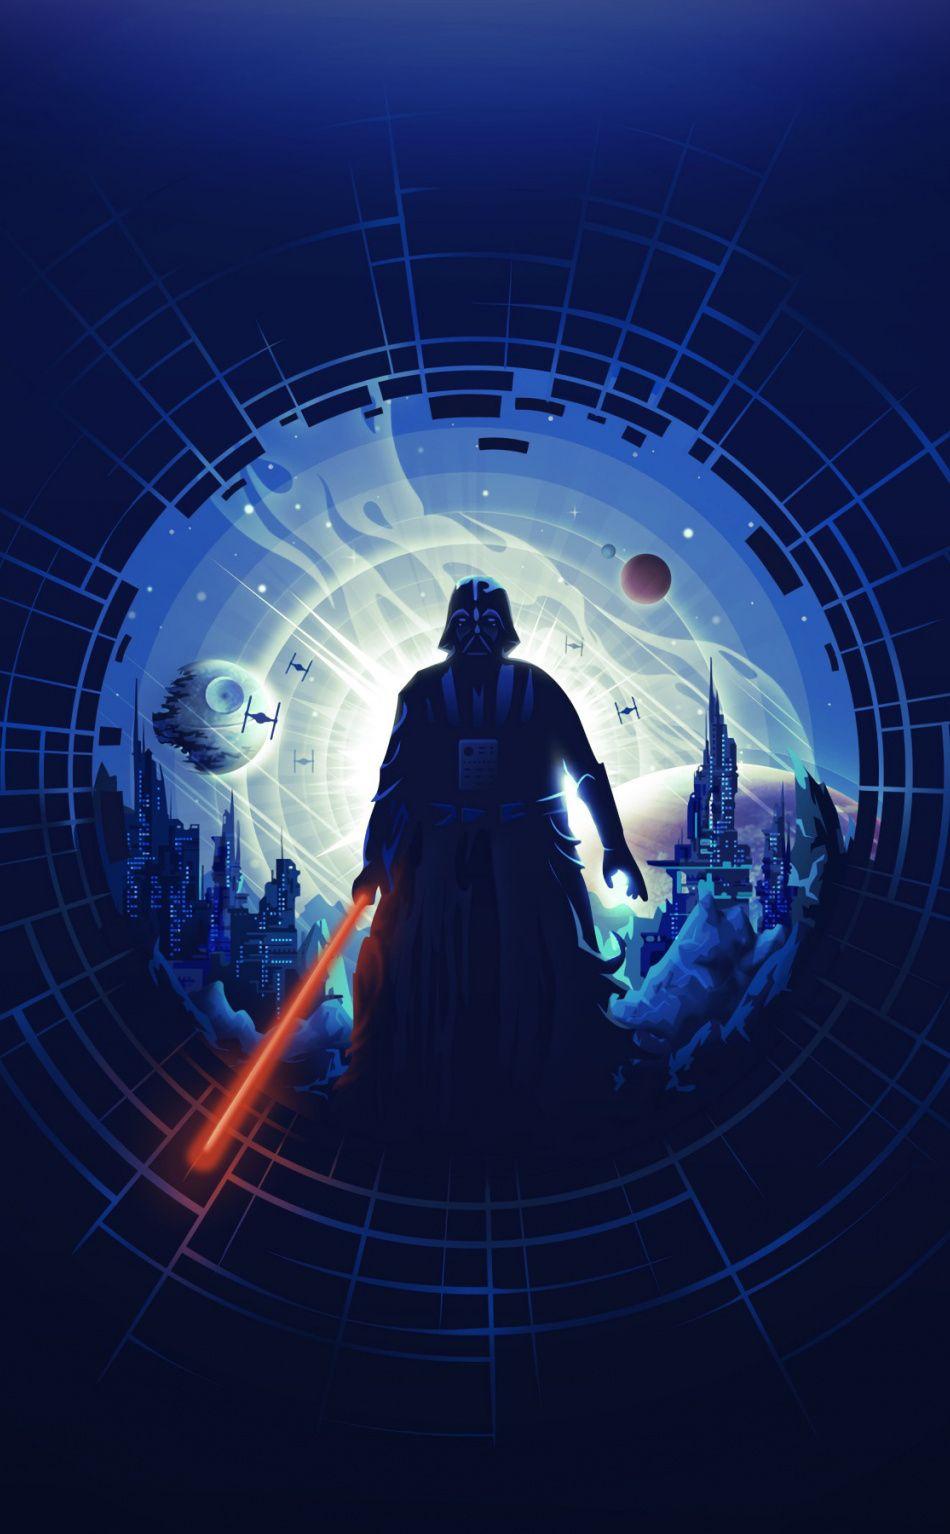 950x1534 Darth Vader, dark, minimal, art wallpaper Star